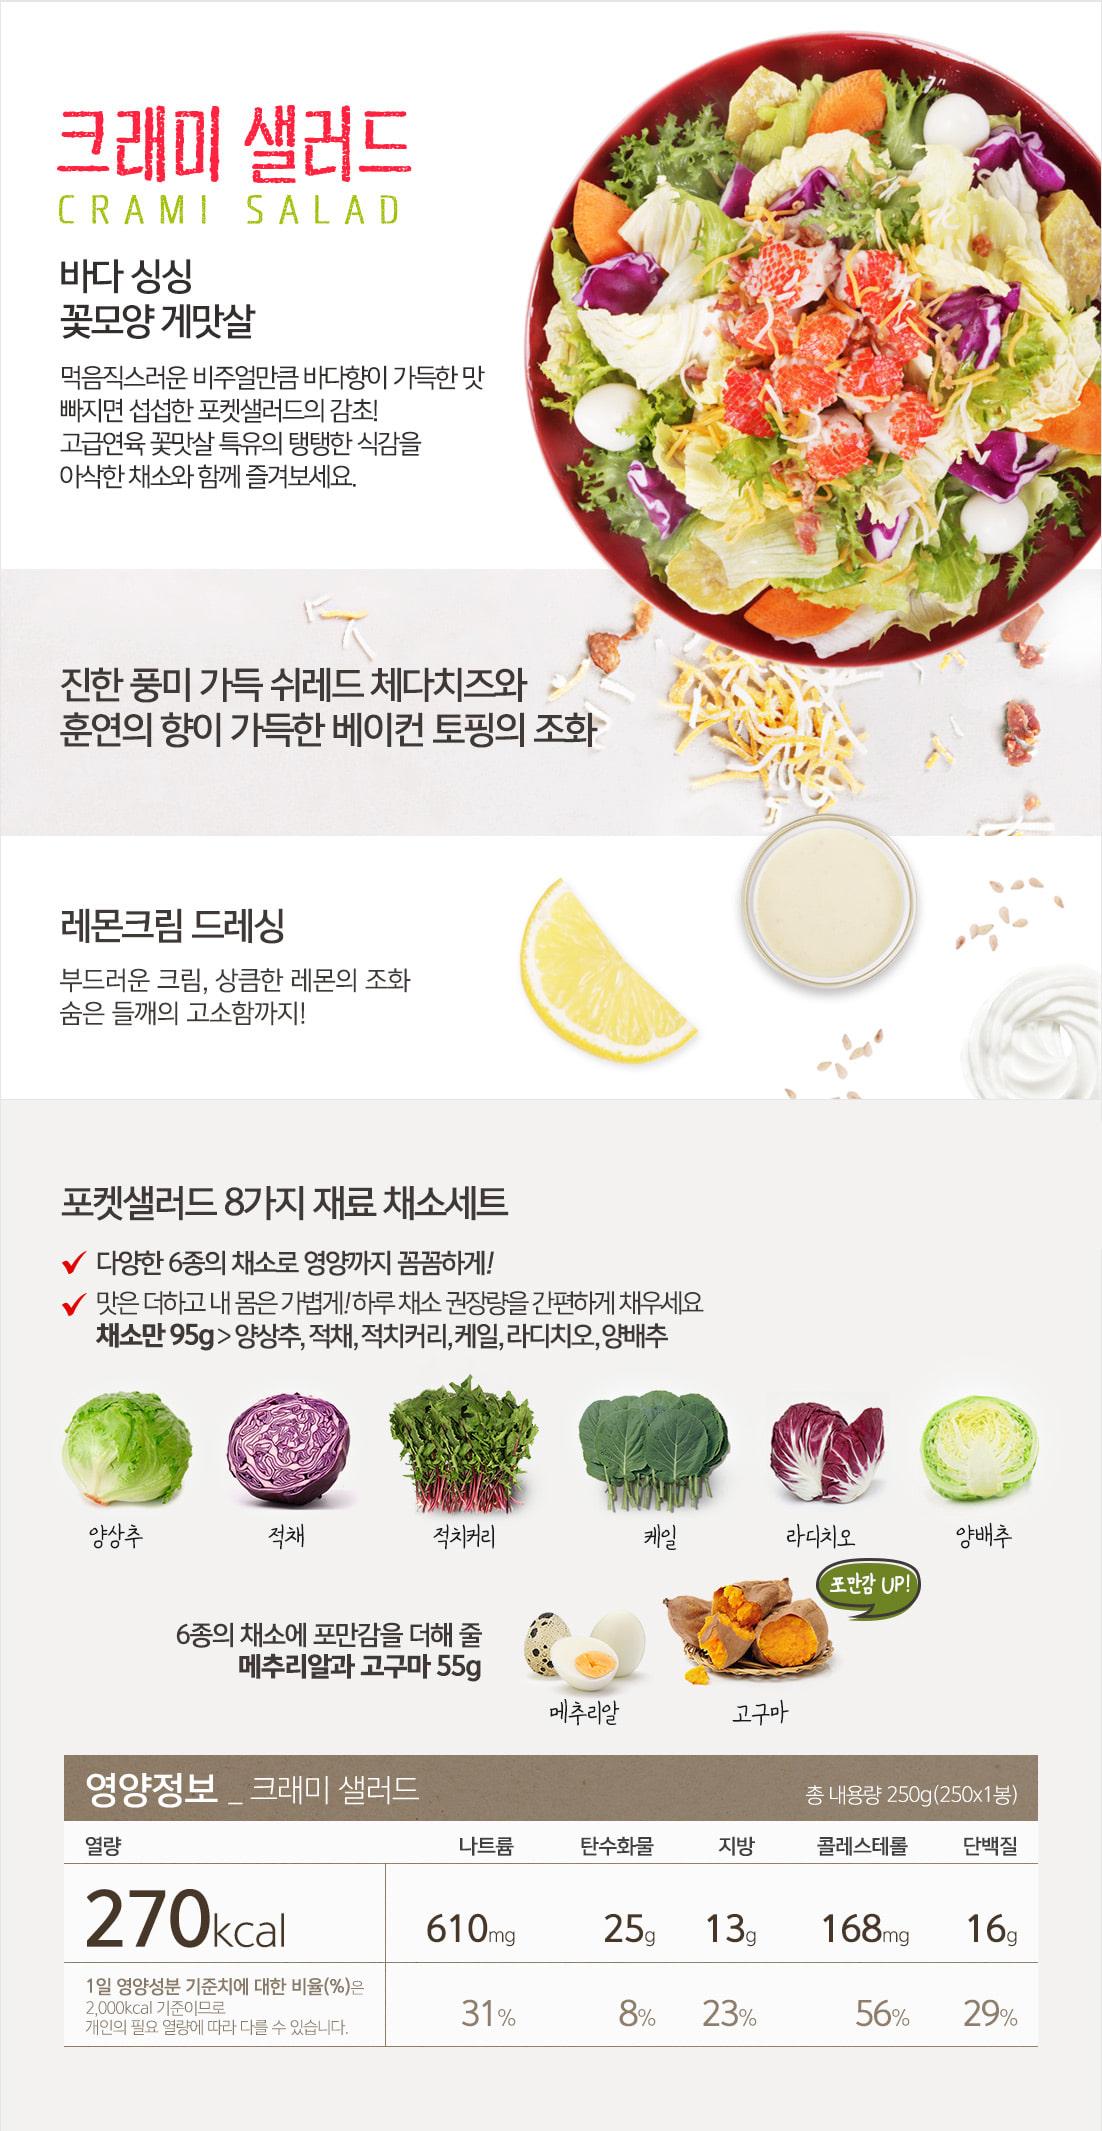 크래미상세페이지_영양정보